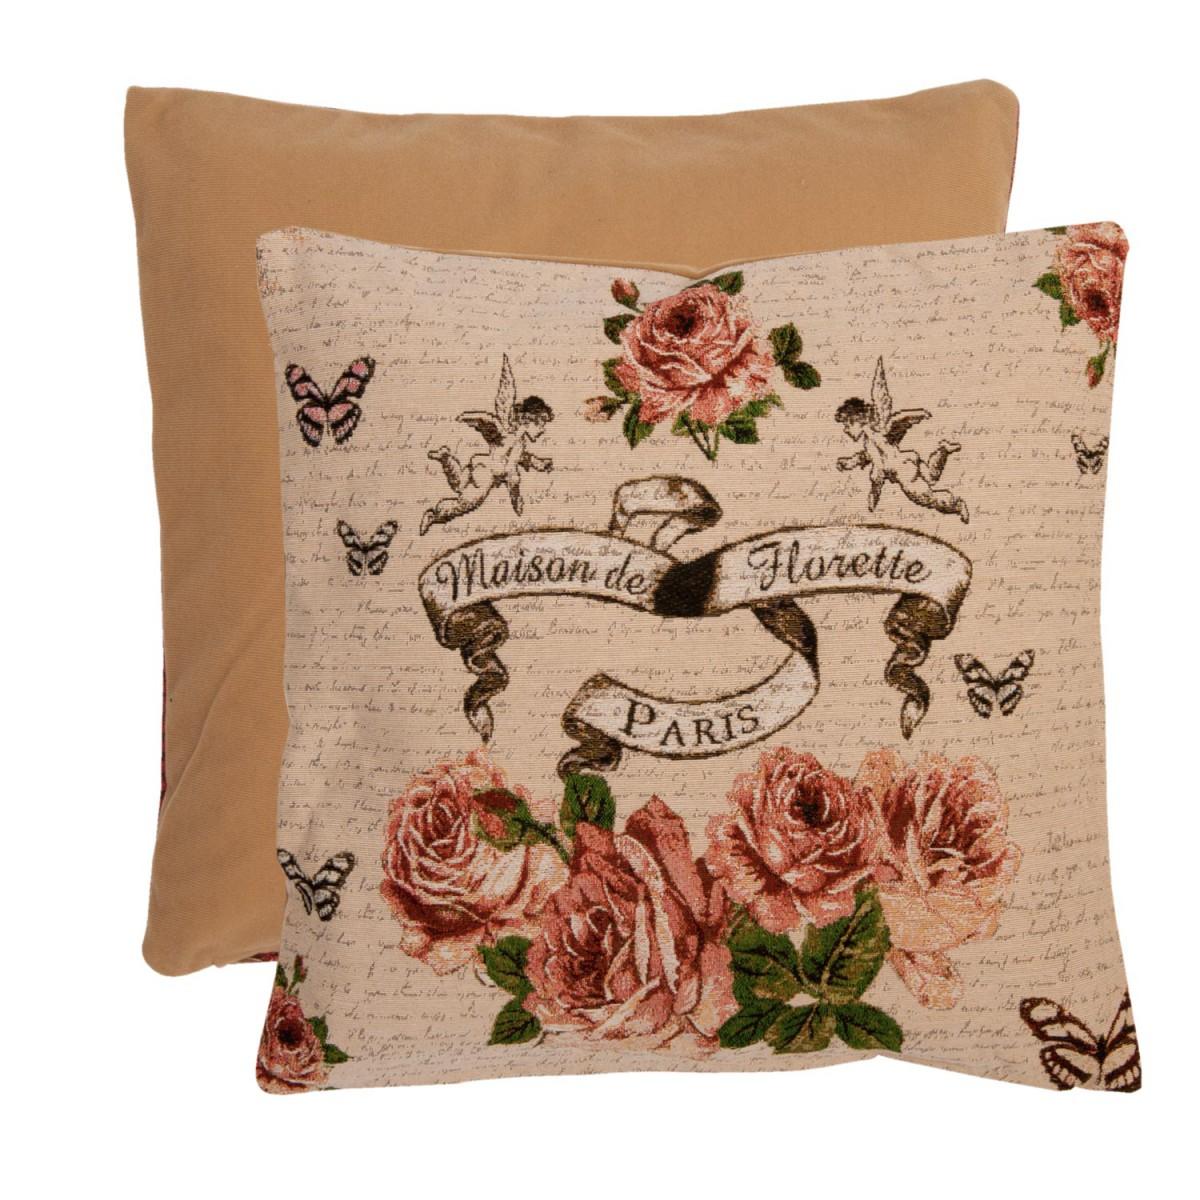 clayre eef kissenh lle natur rosen und schmetterling 40x40cm wohntextilien kissen nostalgie. Black Bedroom Furniture Sets. Home Design Ideas